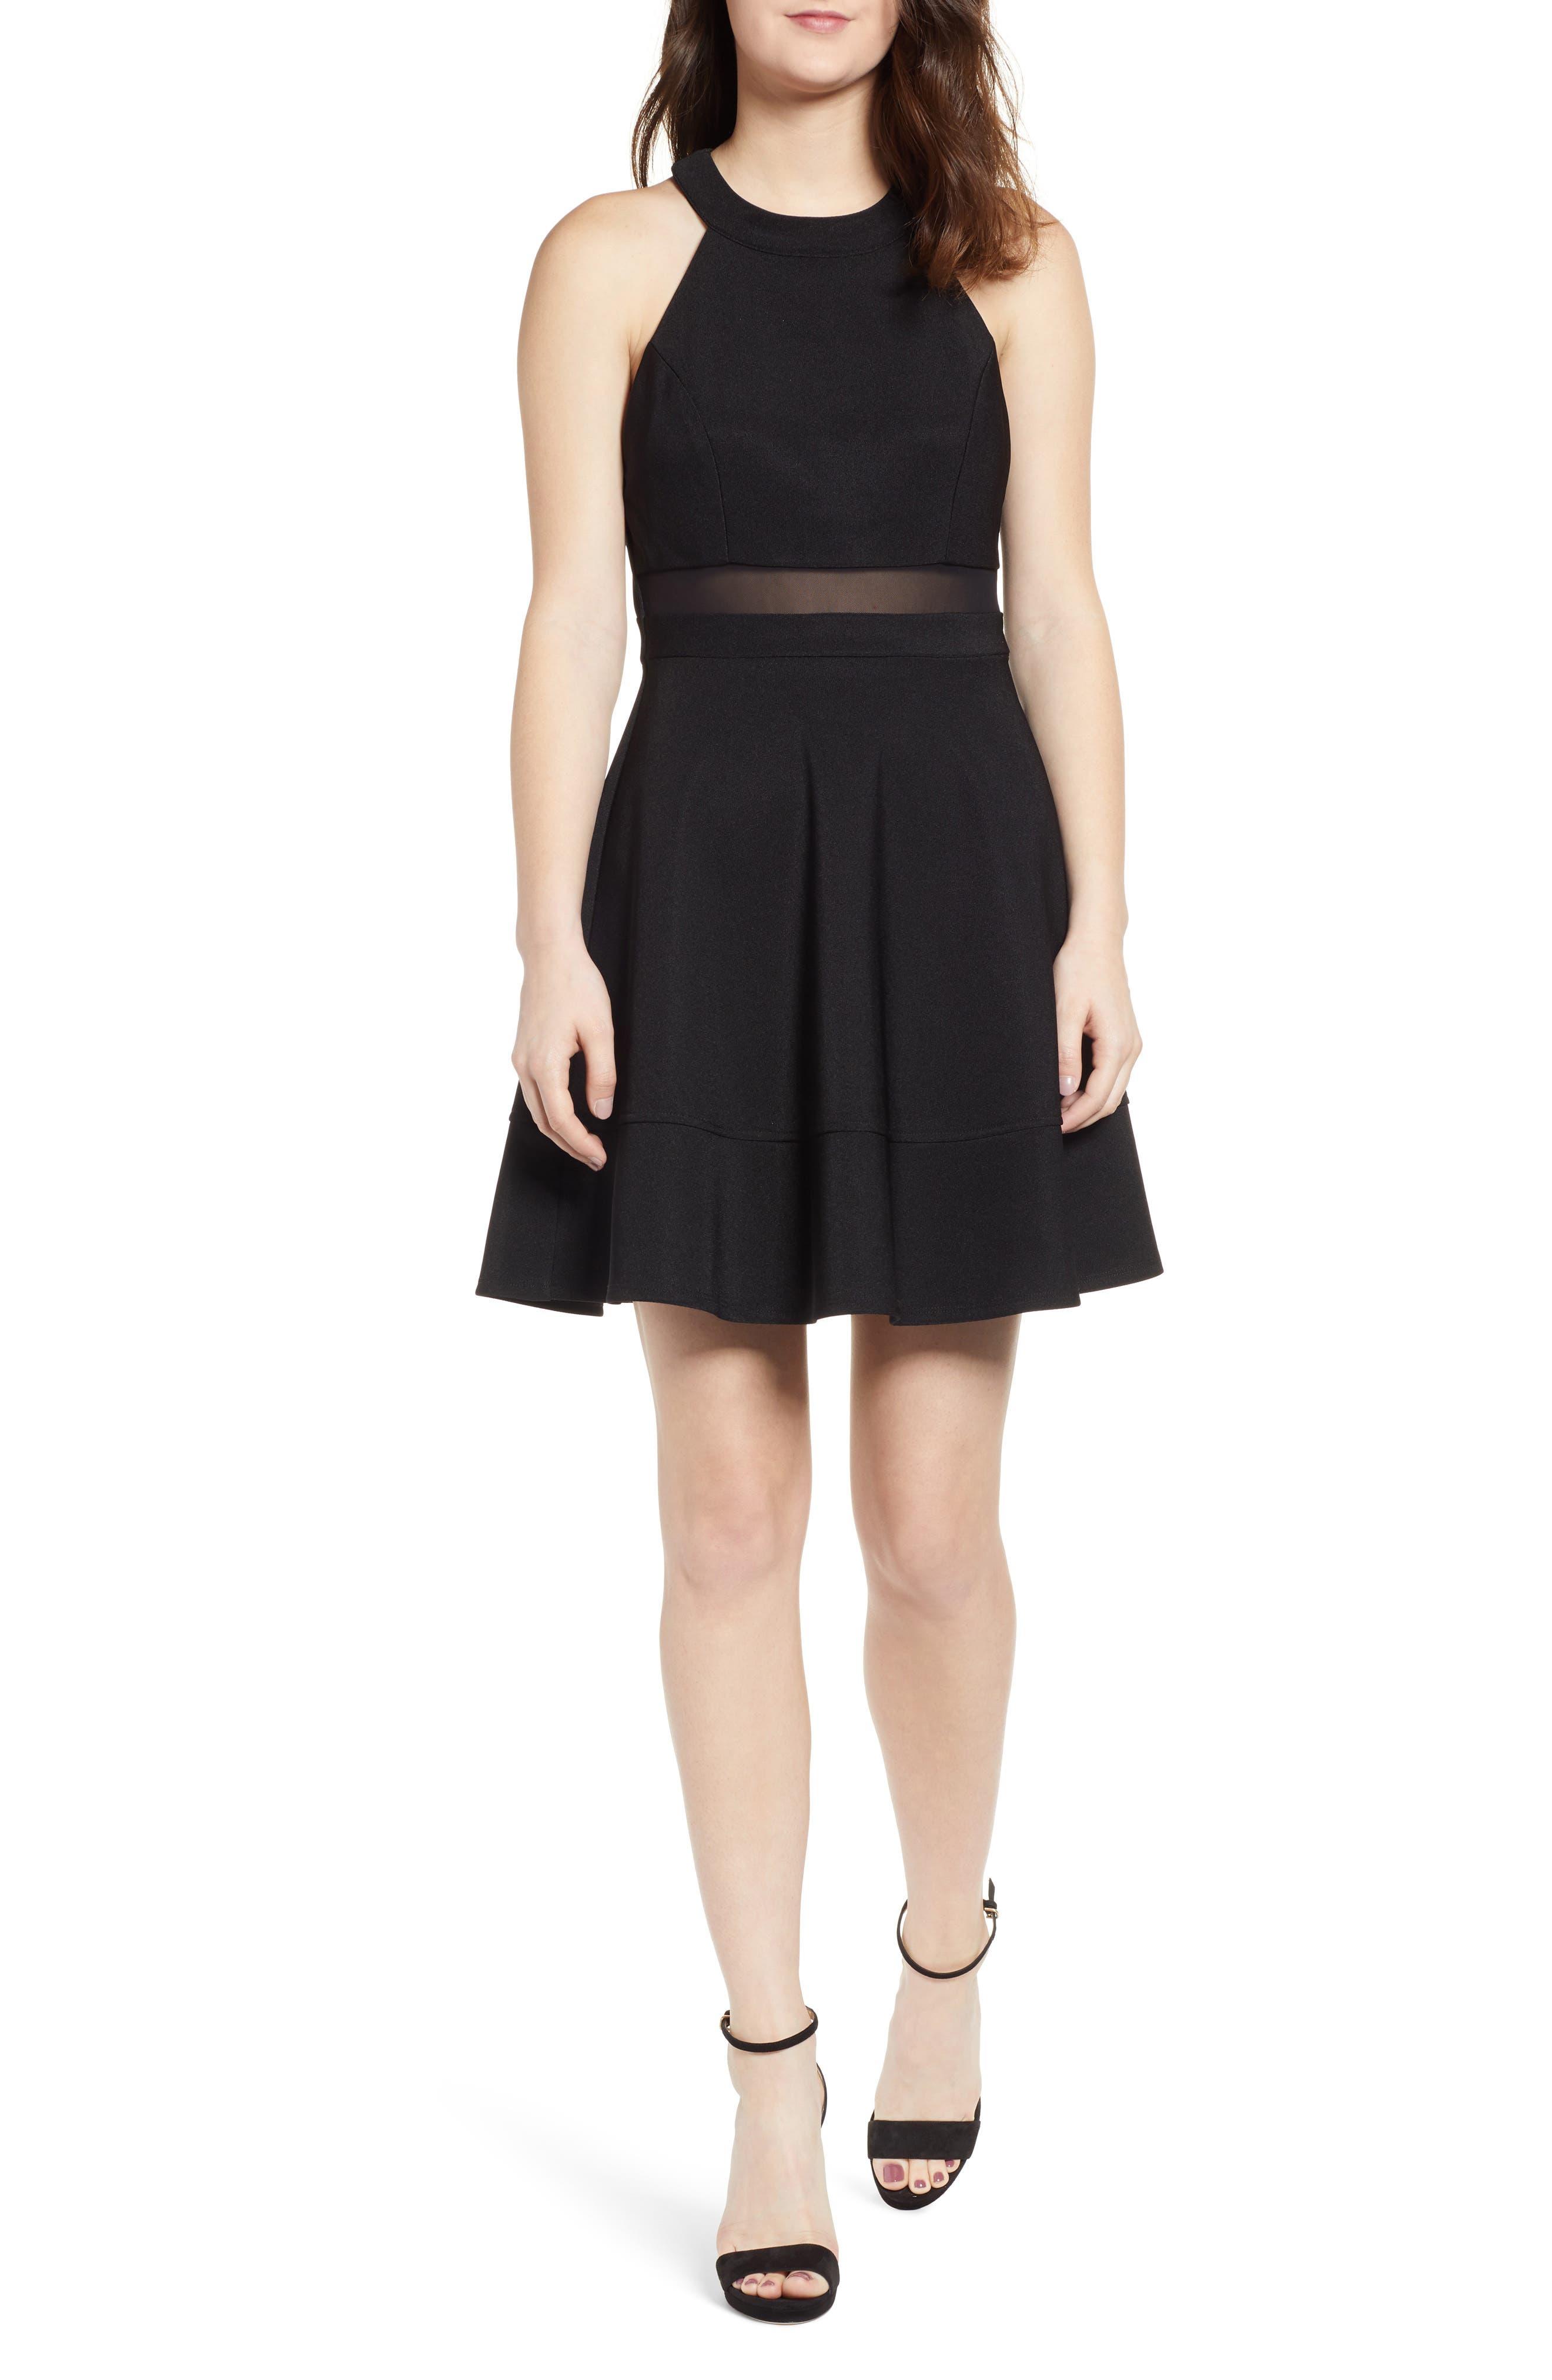 LOVE, NICKIE LEW Love, Nicki Lew Halter Neck Skater Dress, Main, color, BLACK